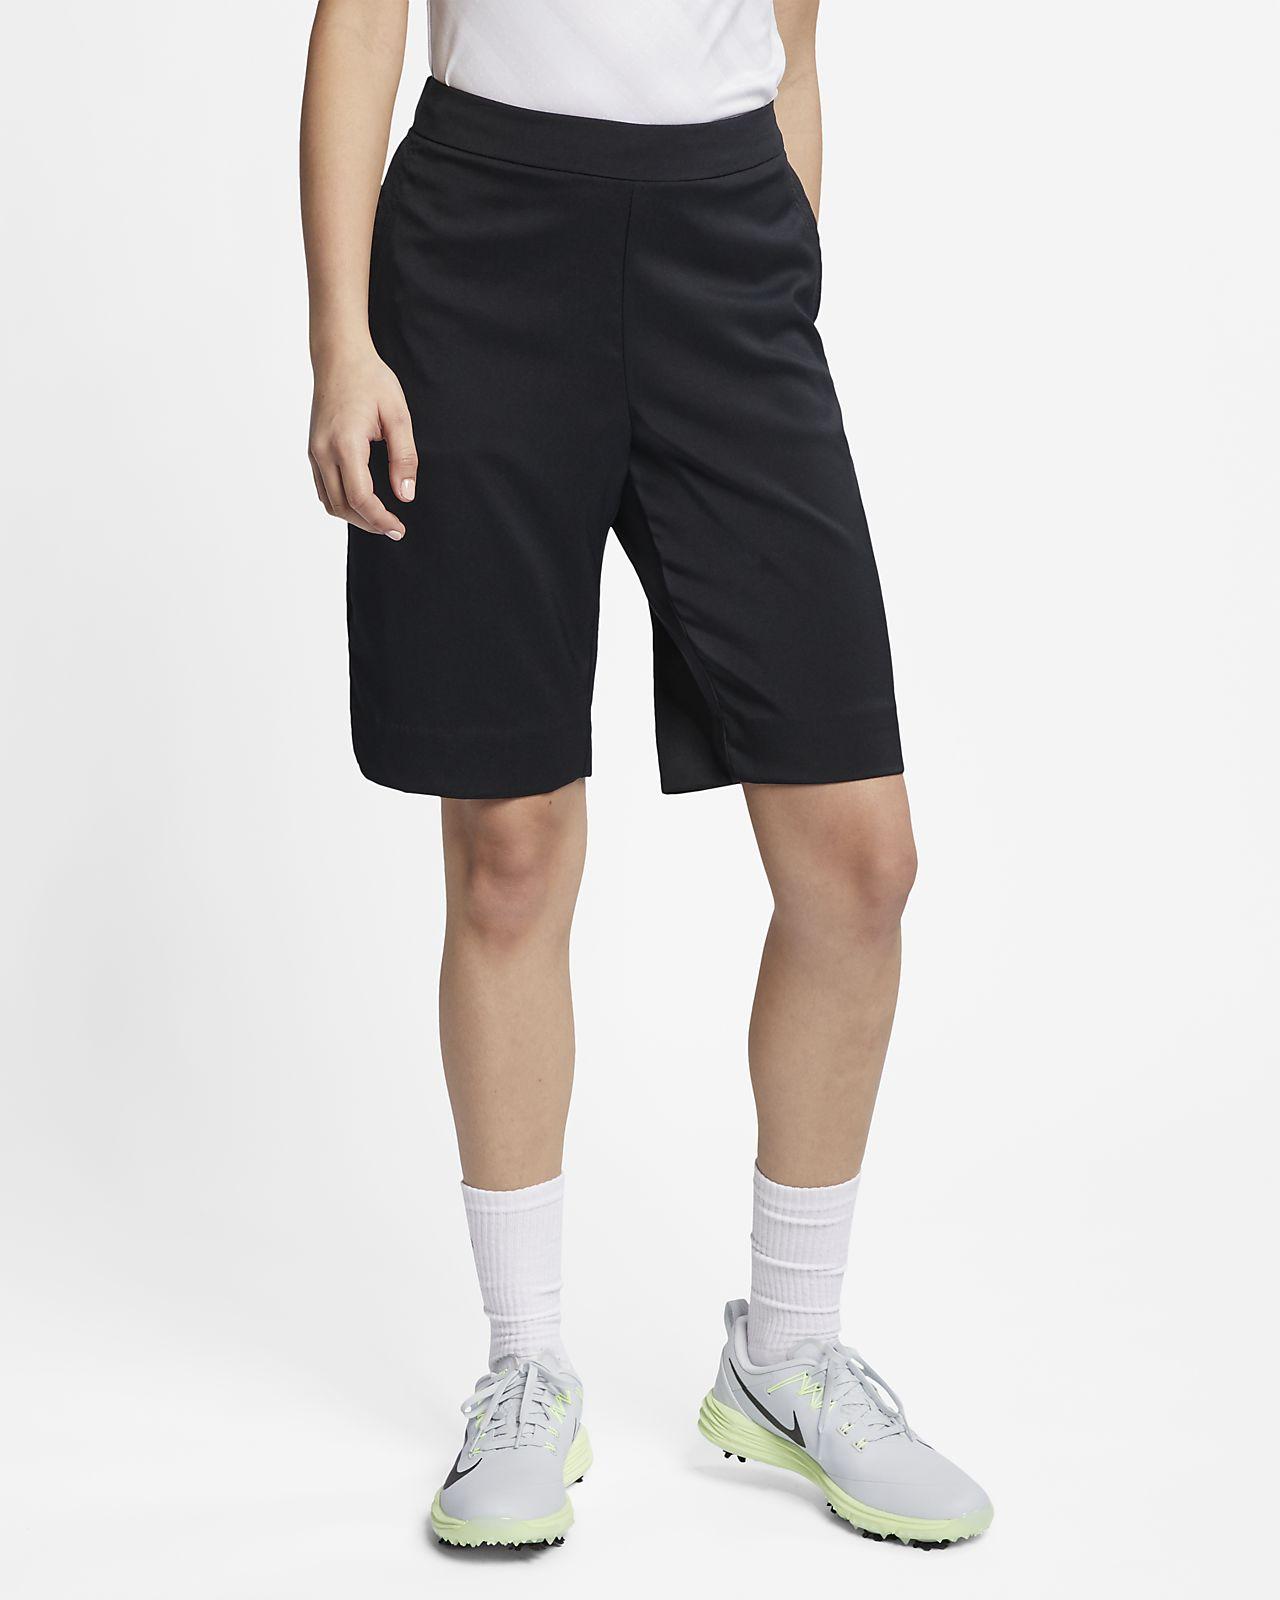 b420a9fd78fc Γυναικείο σορτς γκολφ Nike Dri-FIT UV 28 cm. Nike.com GR